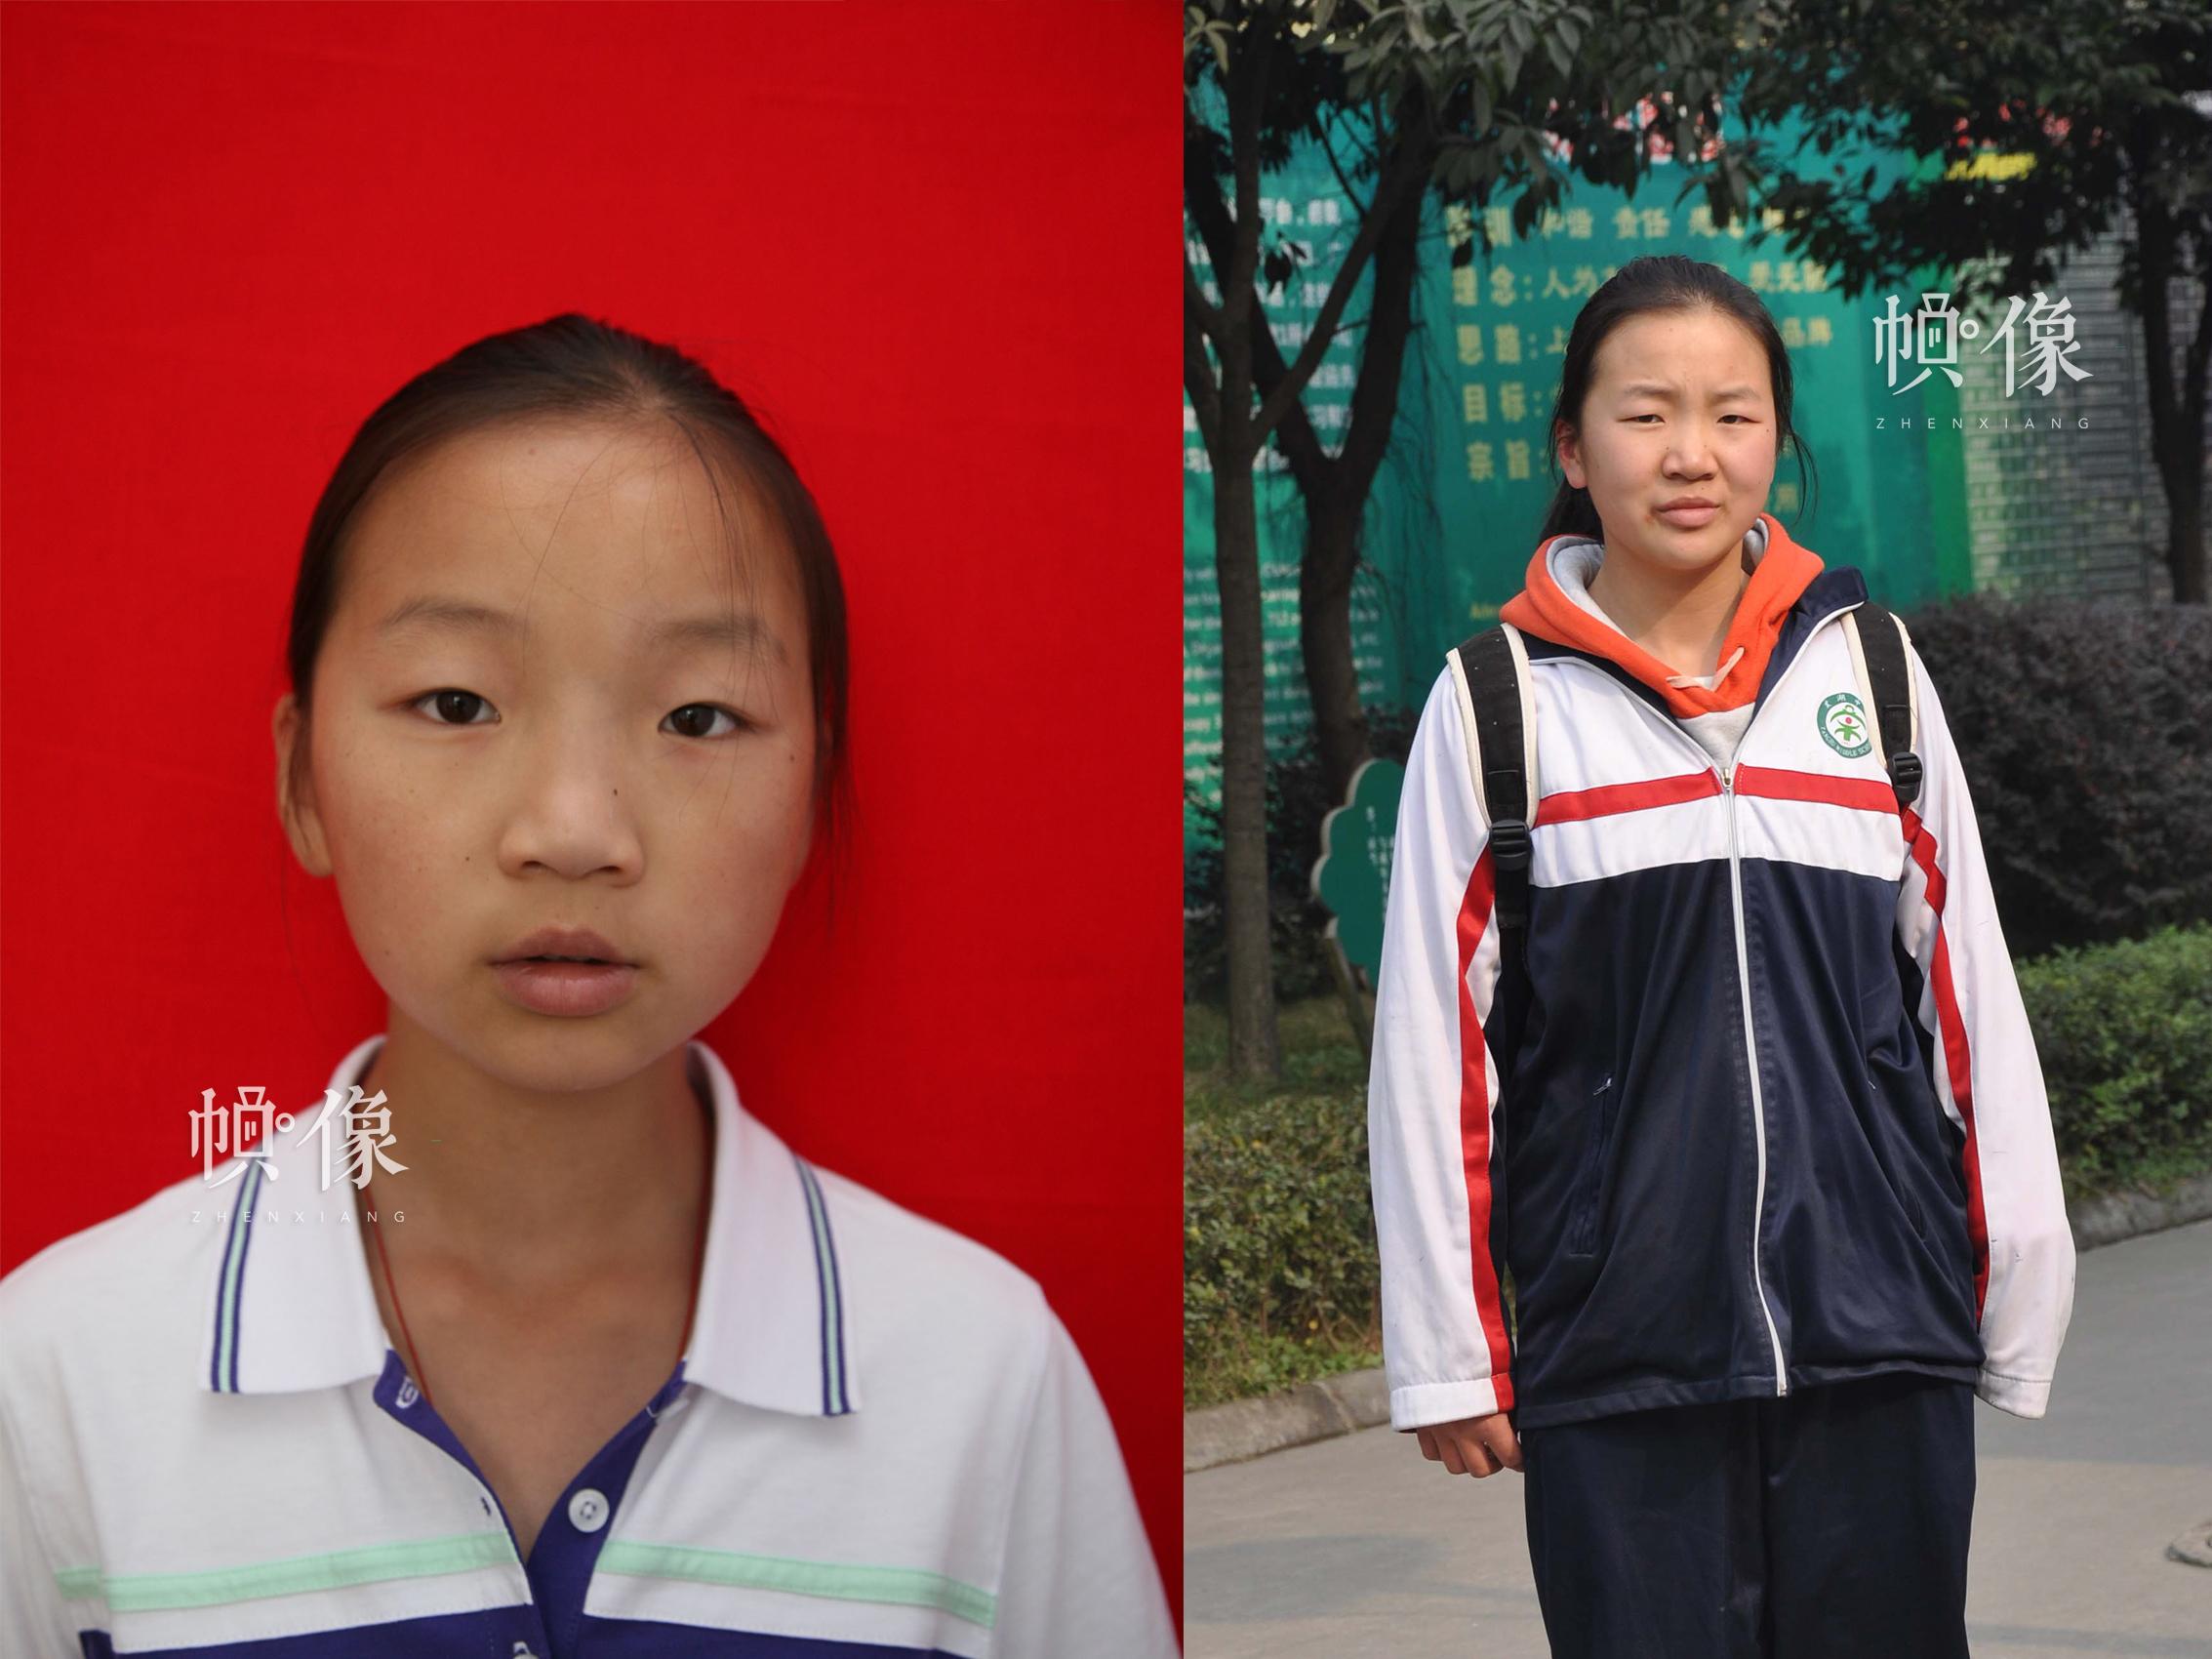 512地震孤兒小琳(化名)10年前和現在的對比圖。如今她已經被保送廈門大學研究生。安康家園供圖